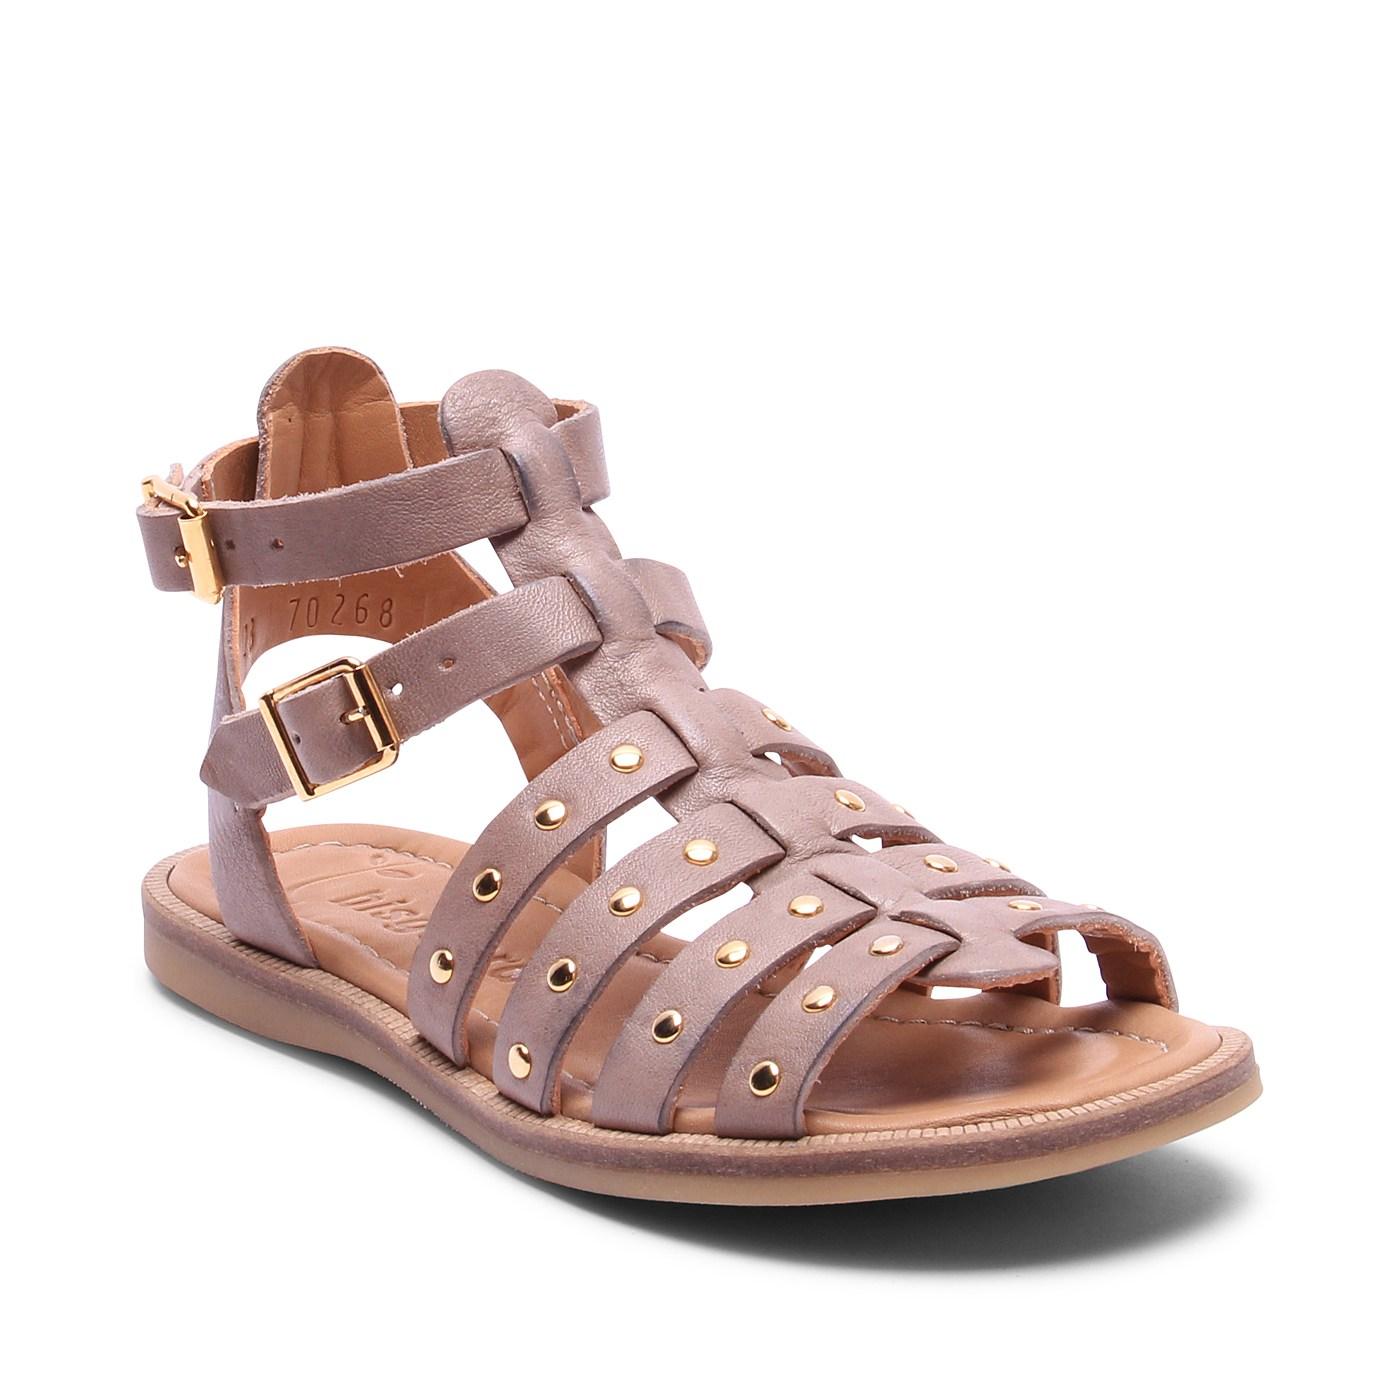 Bisgaard sandal